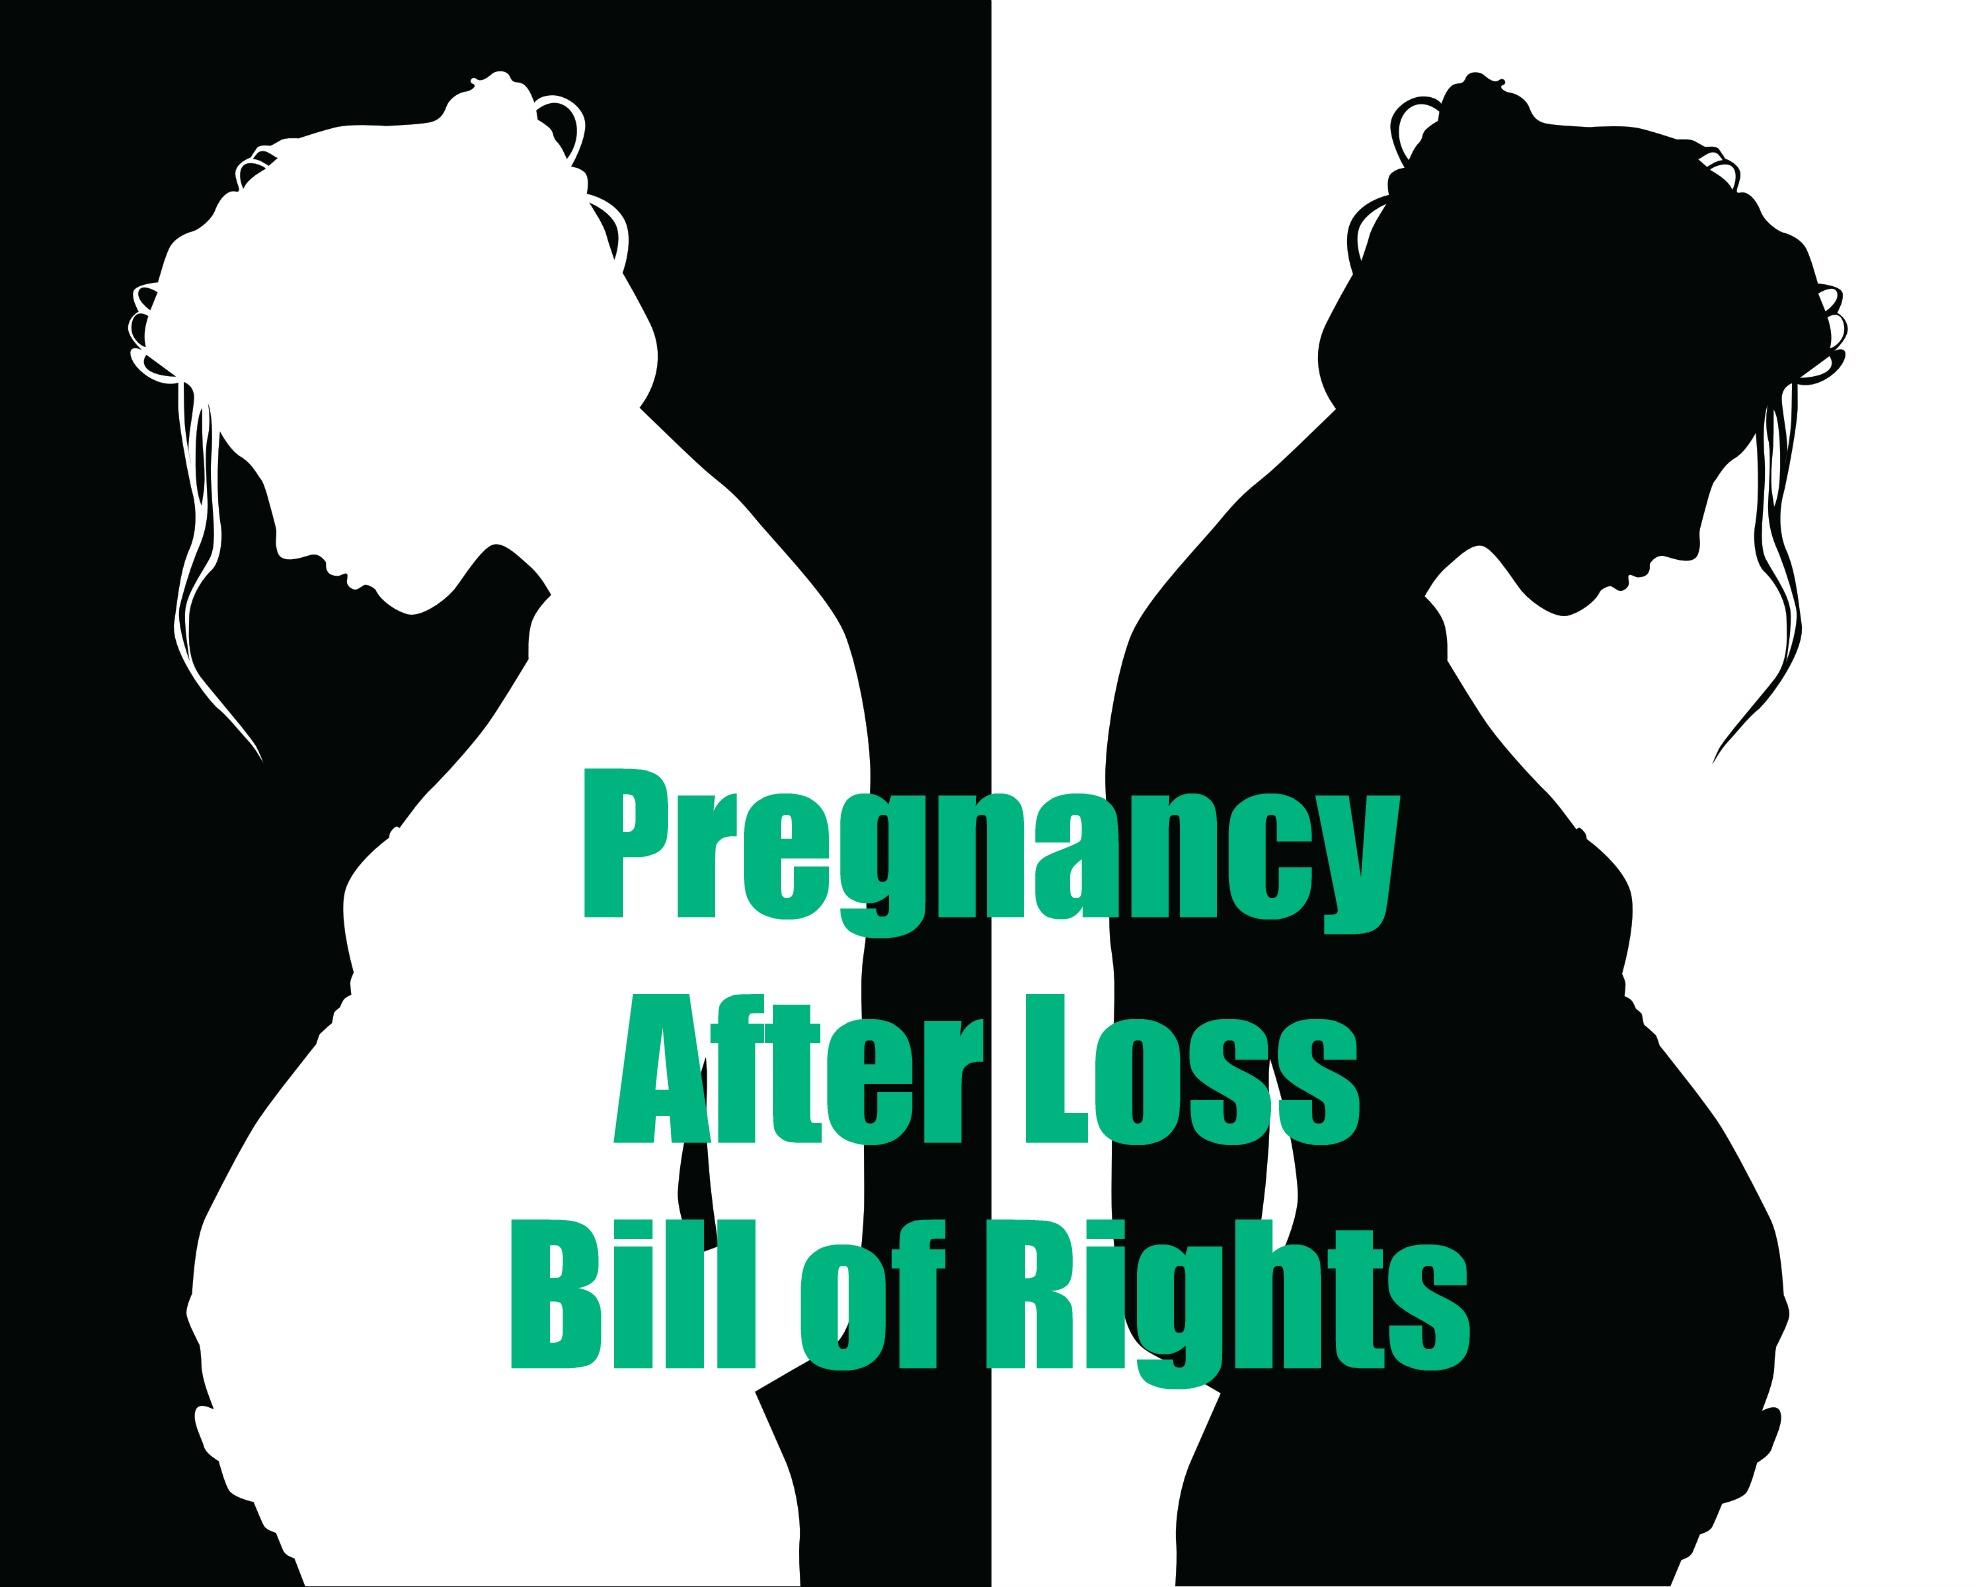 PregnancyAfterLossBillofRights